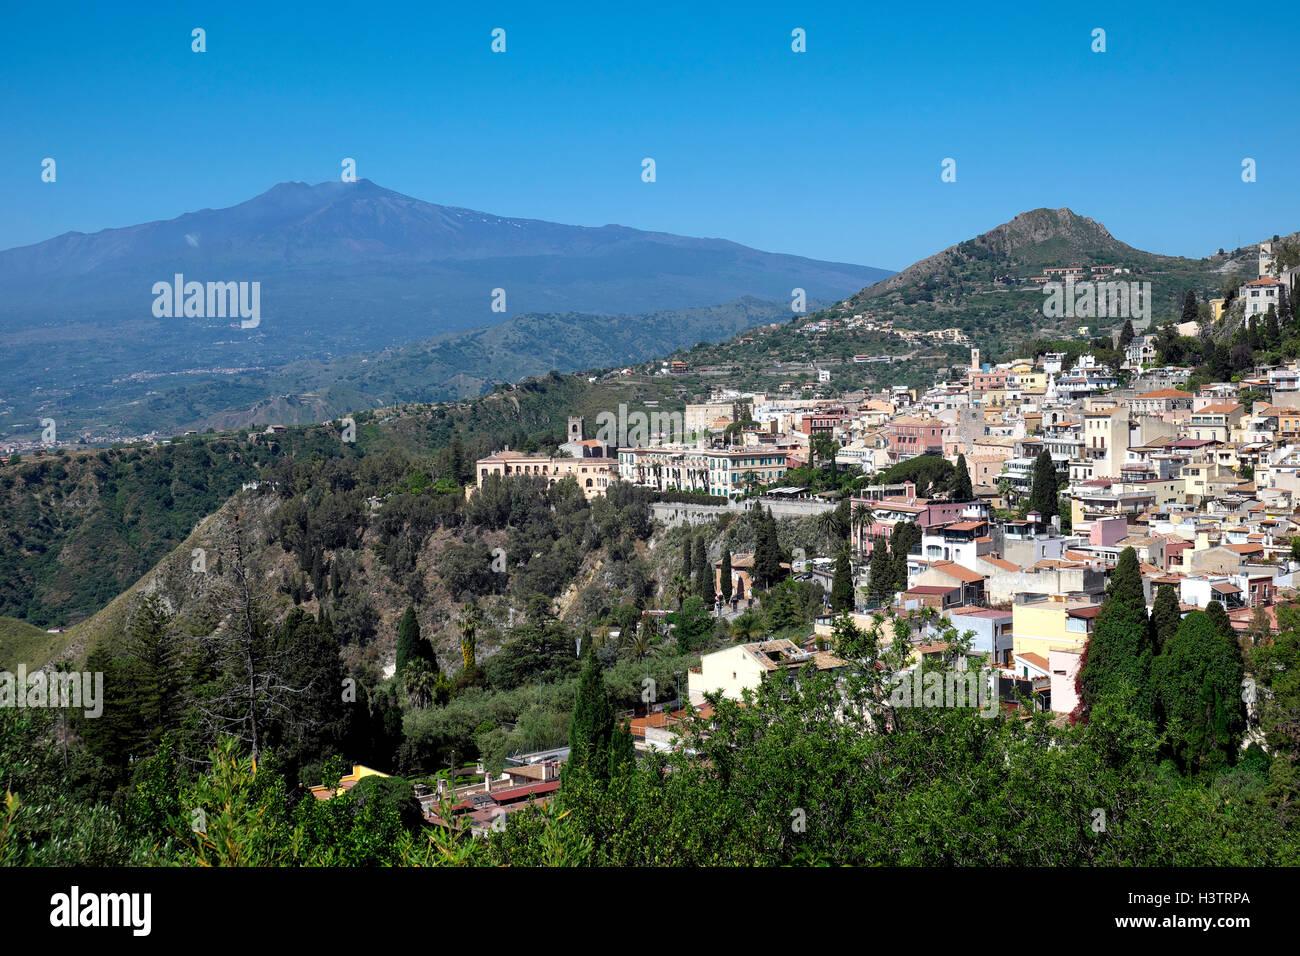 La città sulla collina di Taormina con l'Etna, Sicilia, Italia Immagini Stock